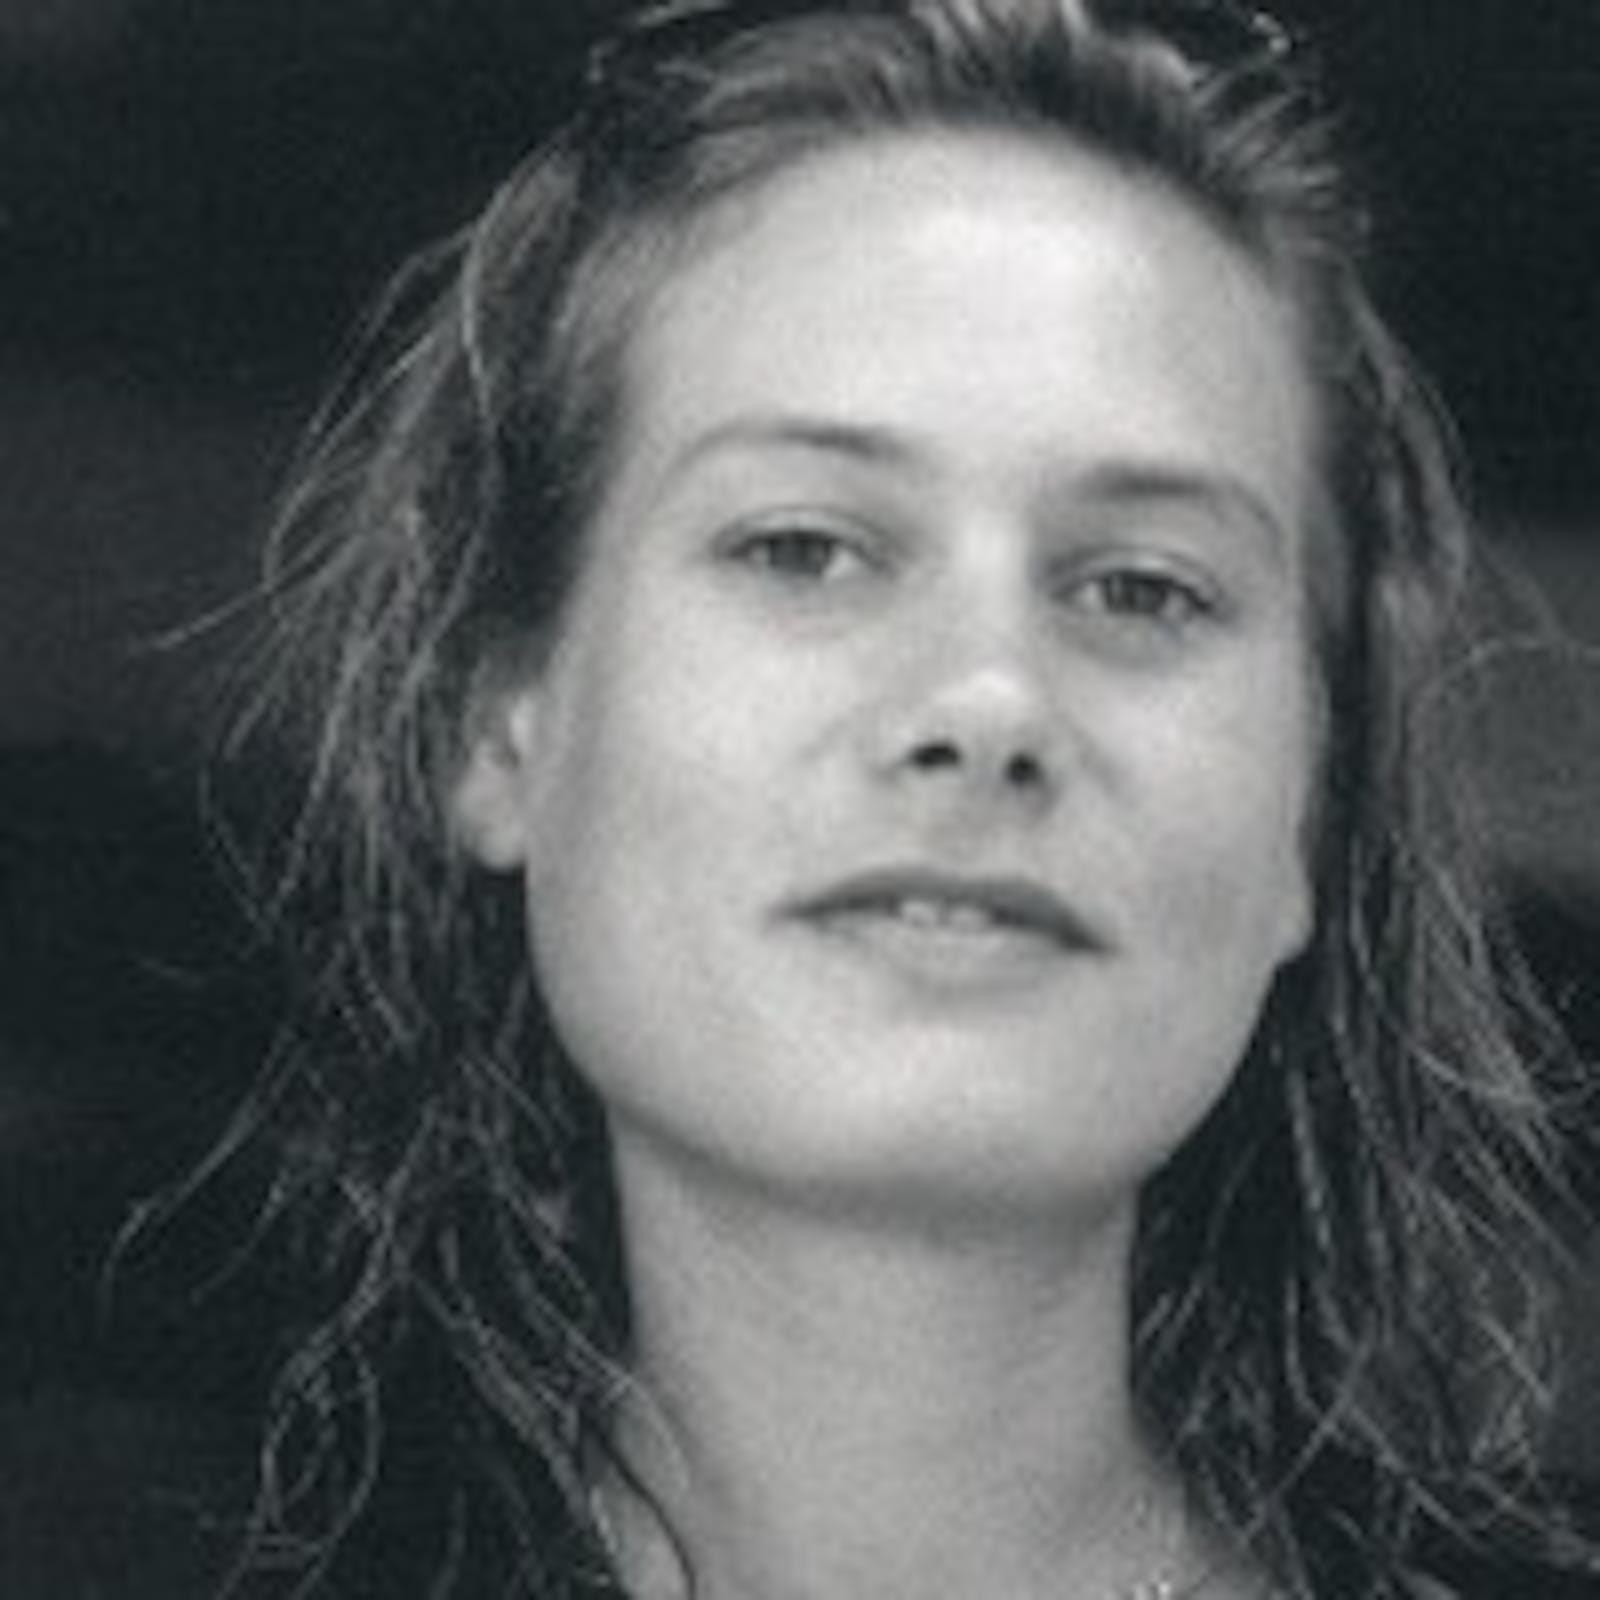 Molly Nyman